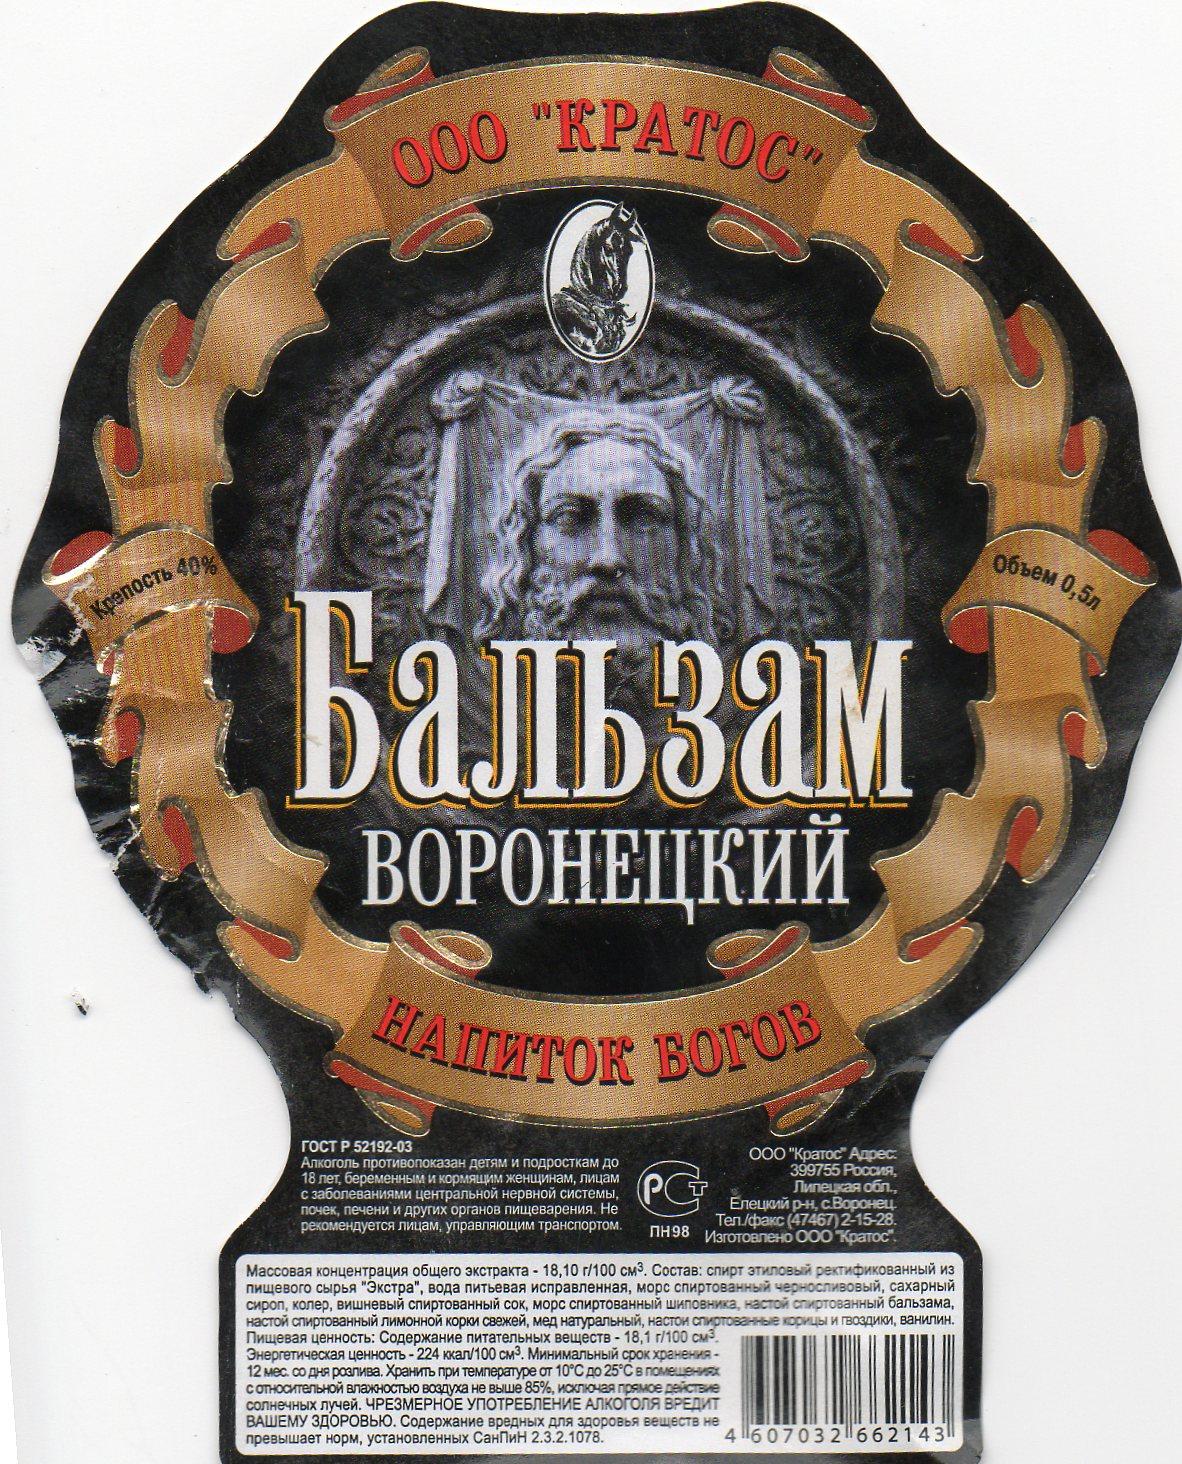 Печать наклеек на бутылку в Москве   фото 3